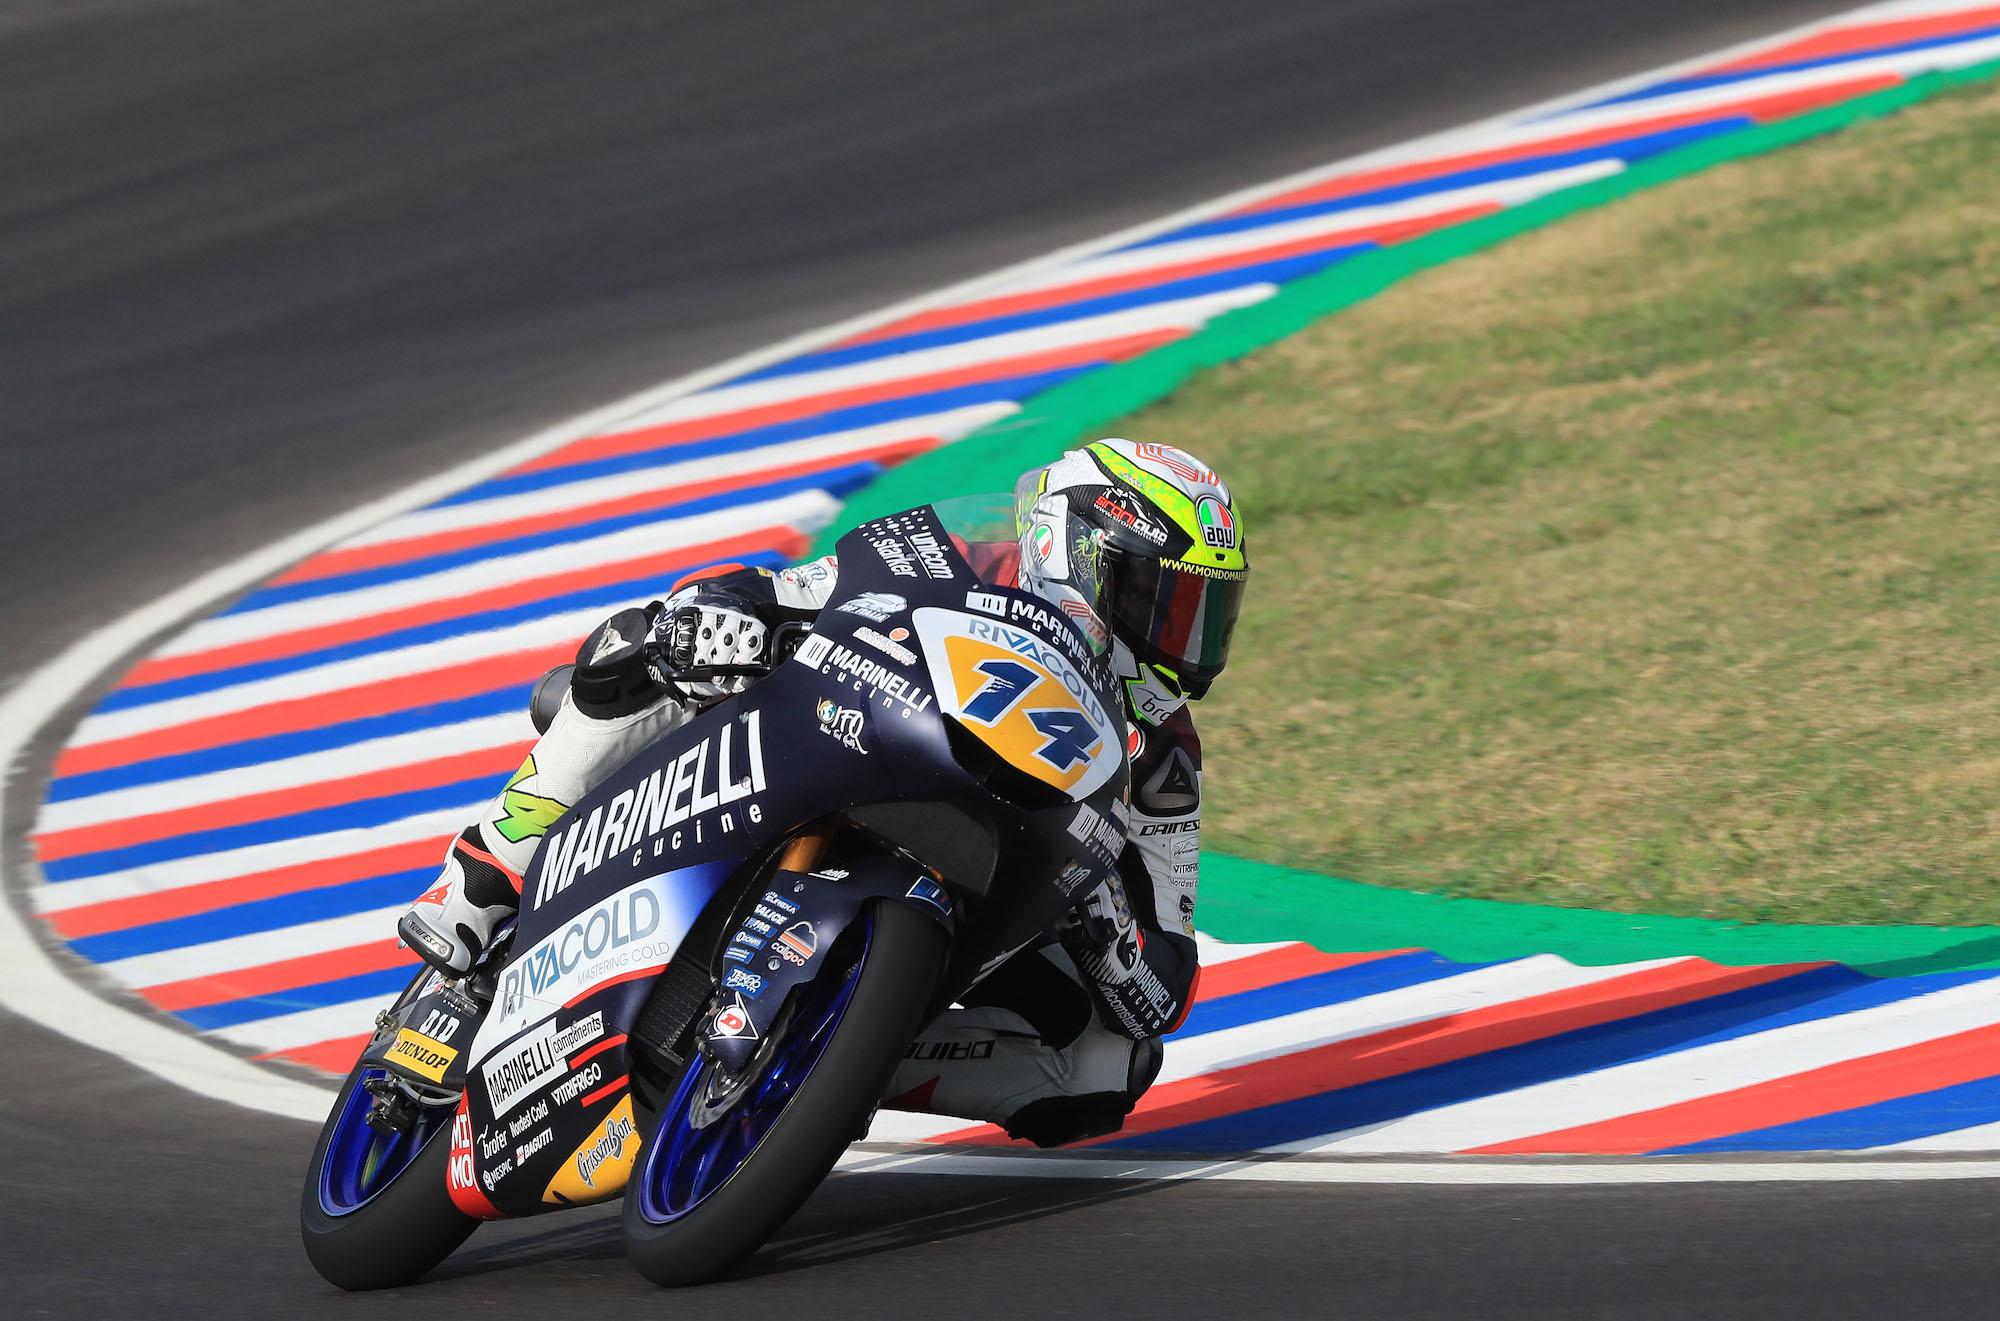 Tony Arbolino logra la pole position en Argentina